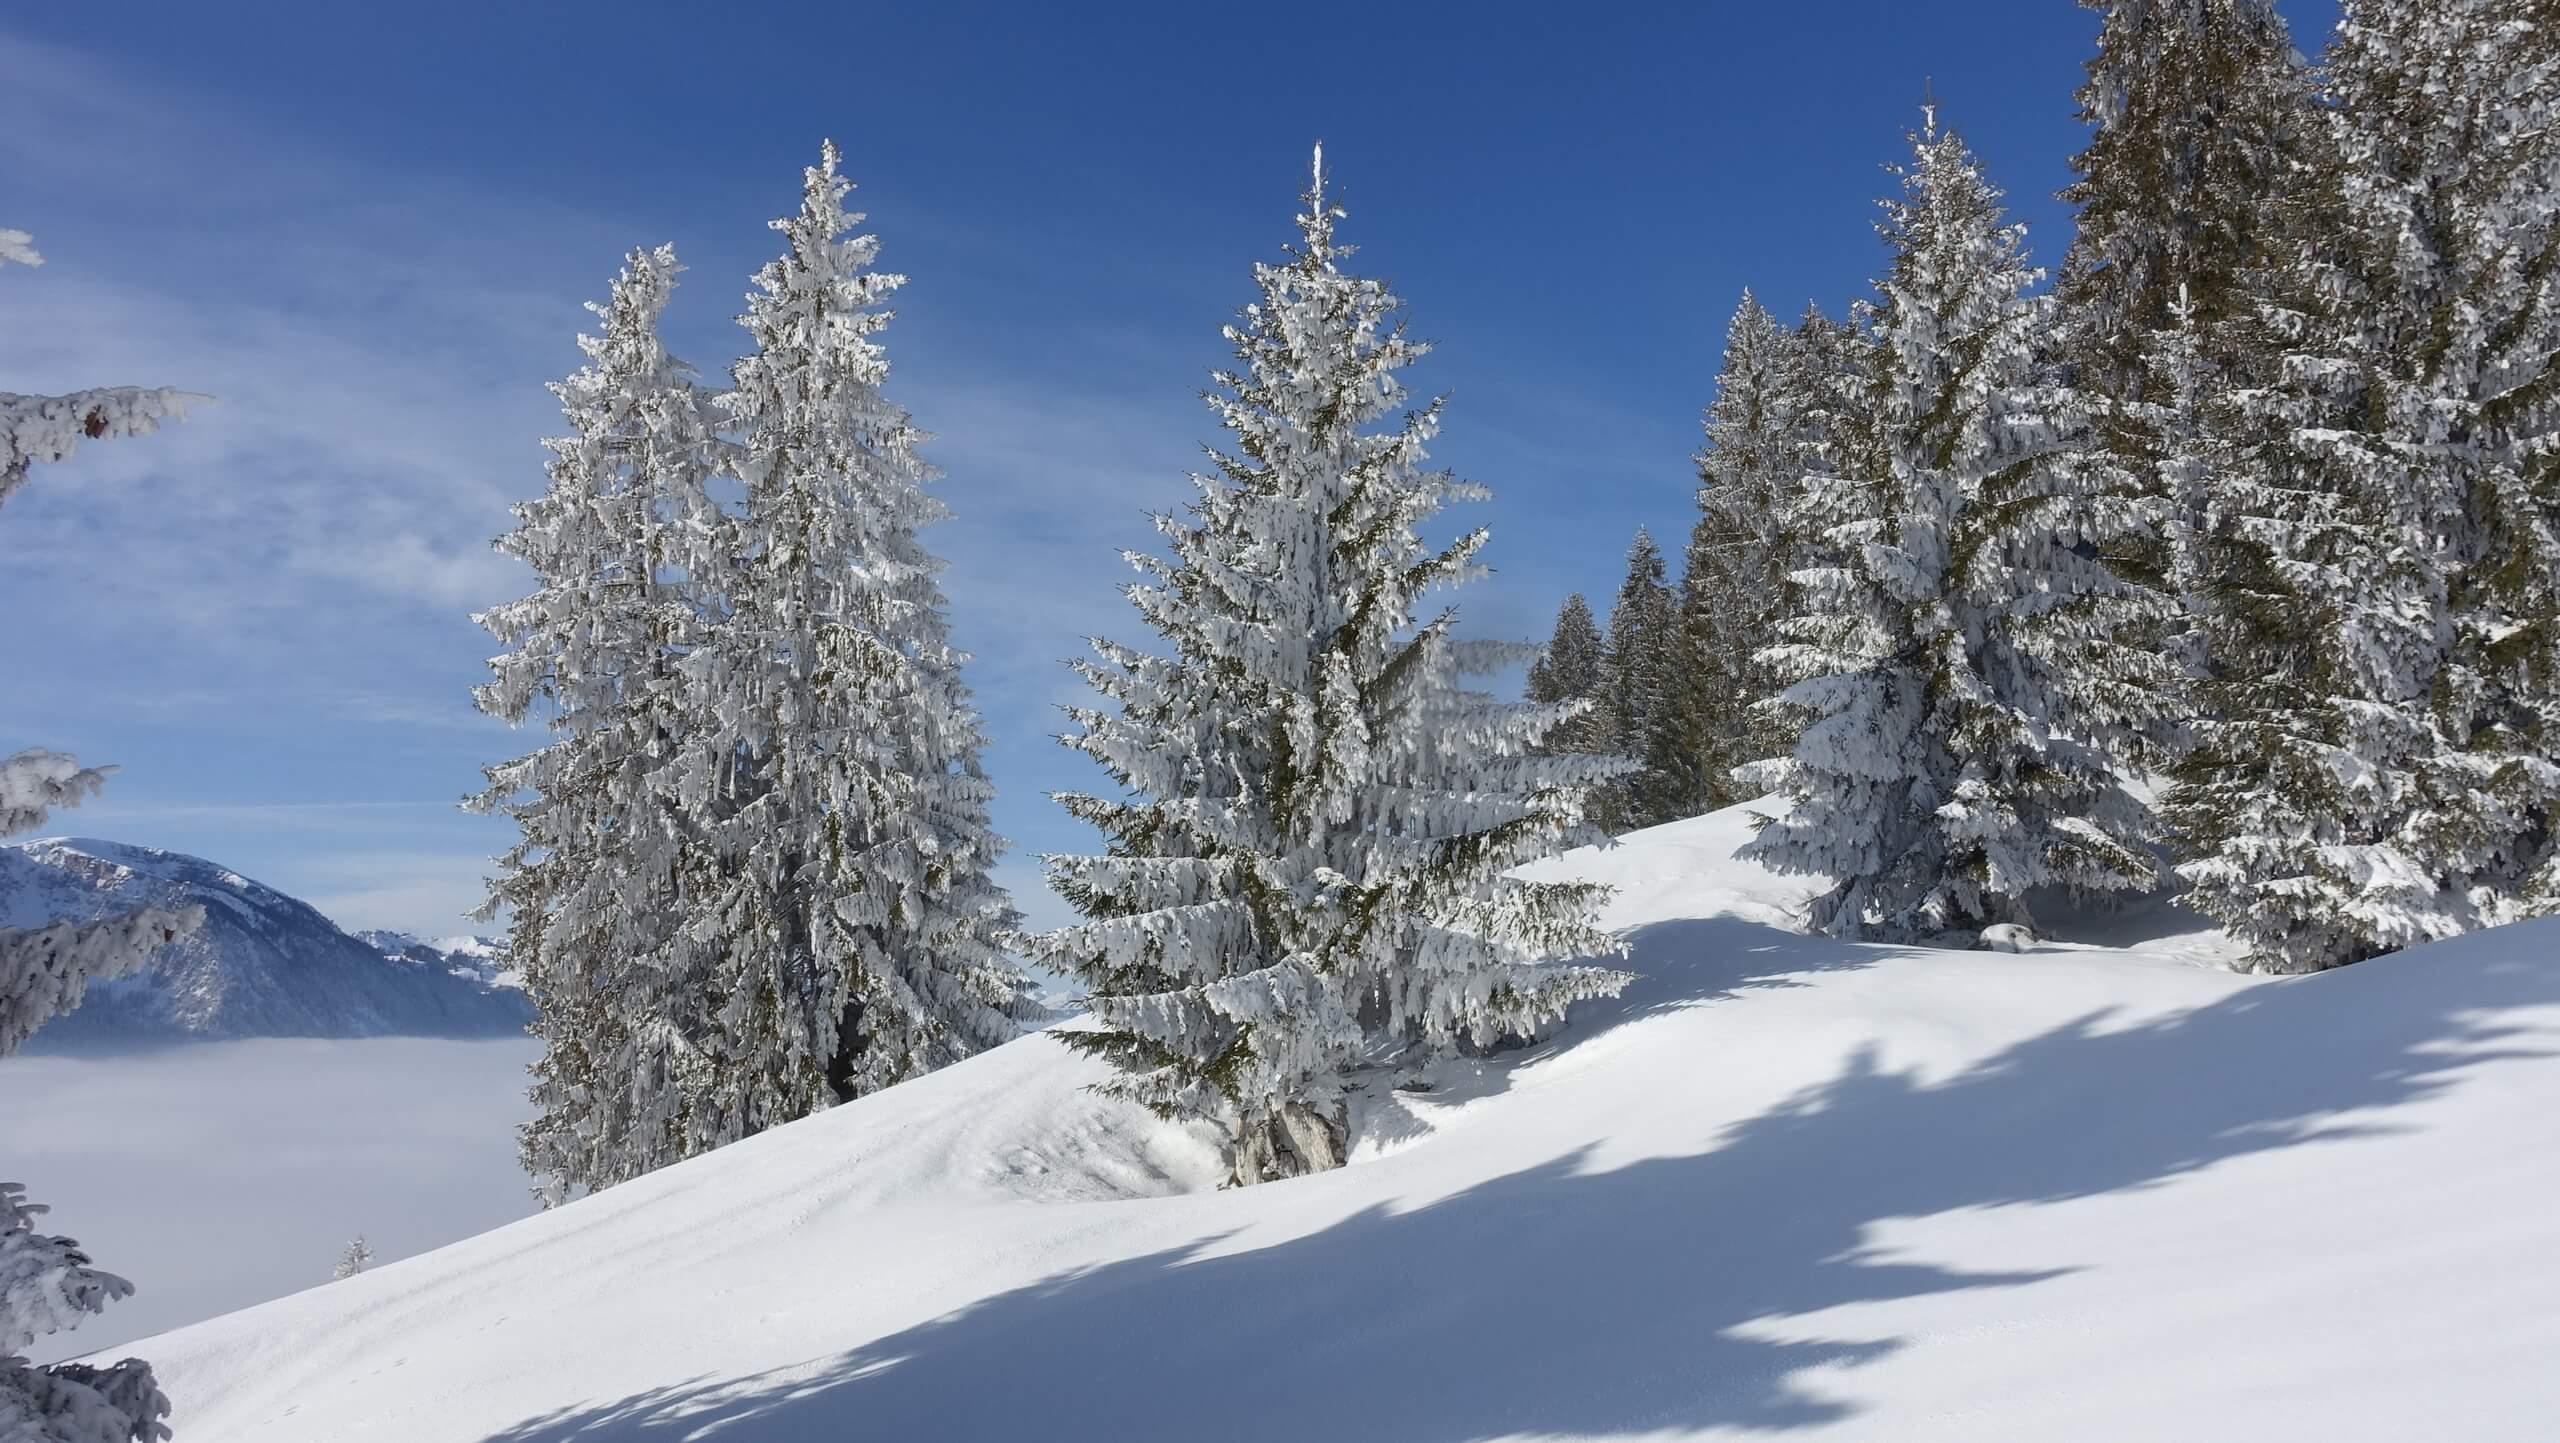 diemtigtal-schneeschuhwandern-winter-unterhalb-vorderstockenalp-erlenbach